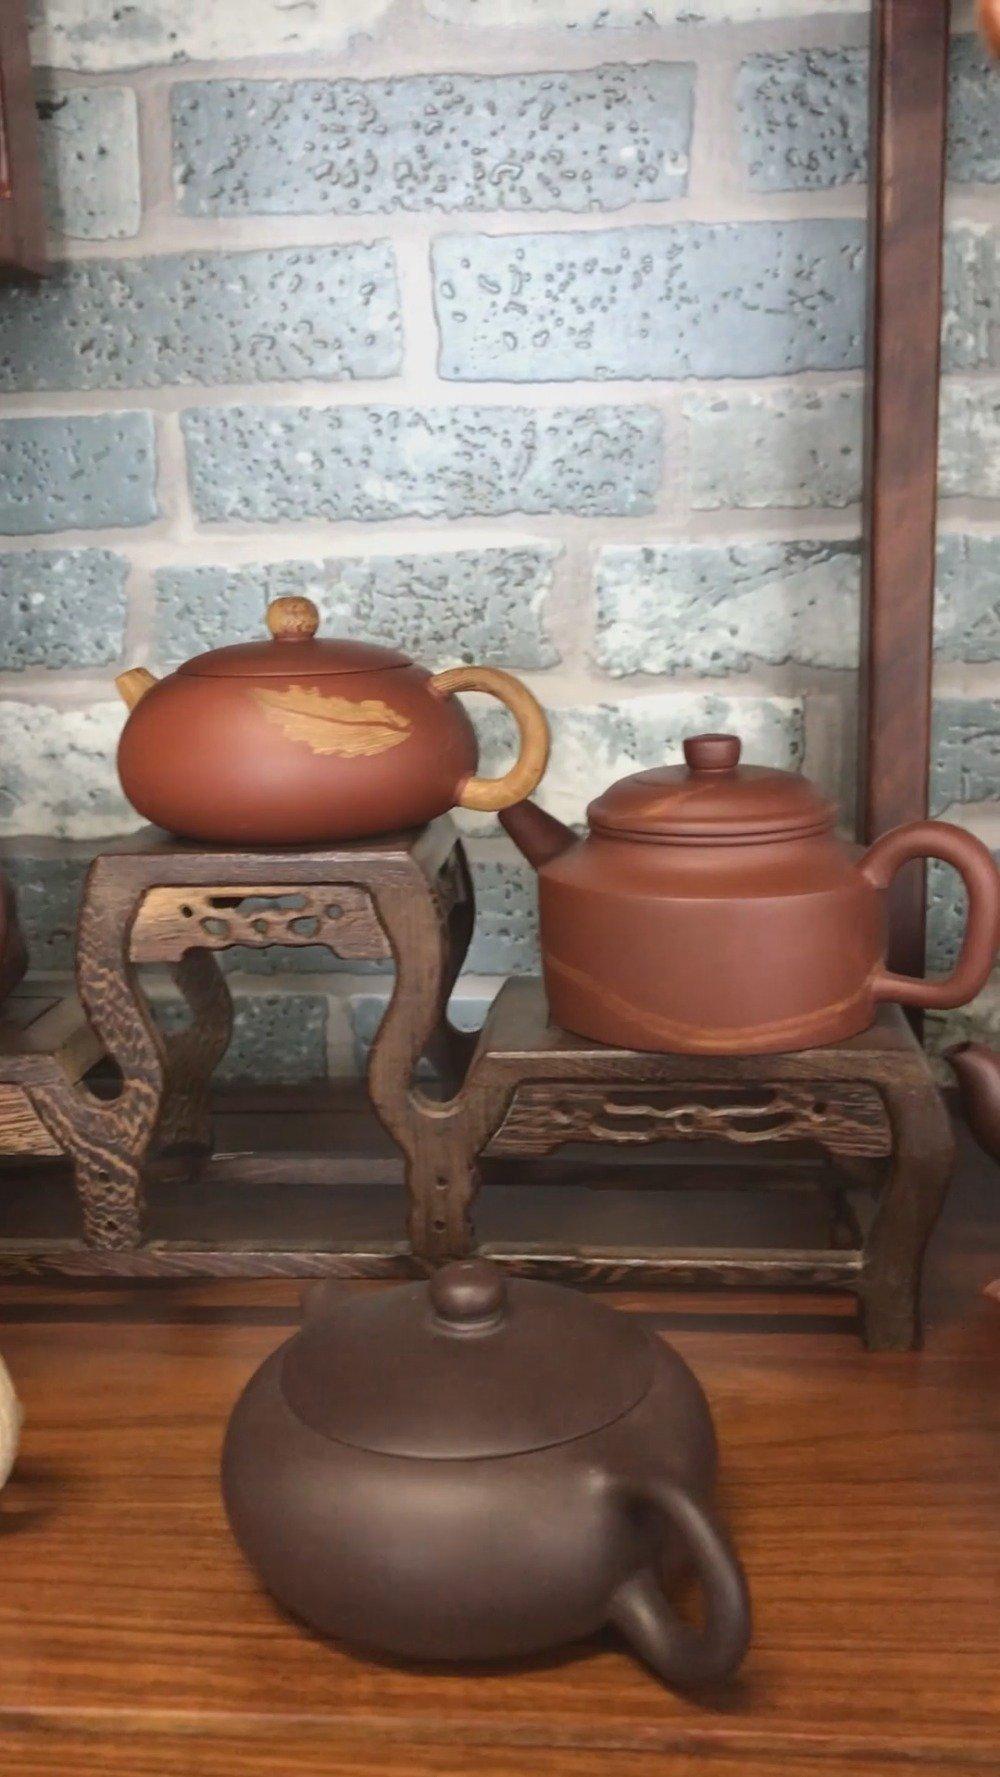 紫砂壶是中国特有的手工制造陶土工艺品,其制作始于明朝正德年间